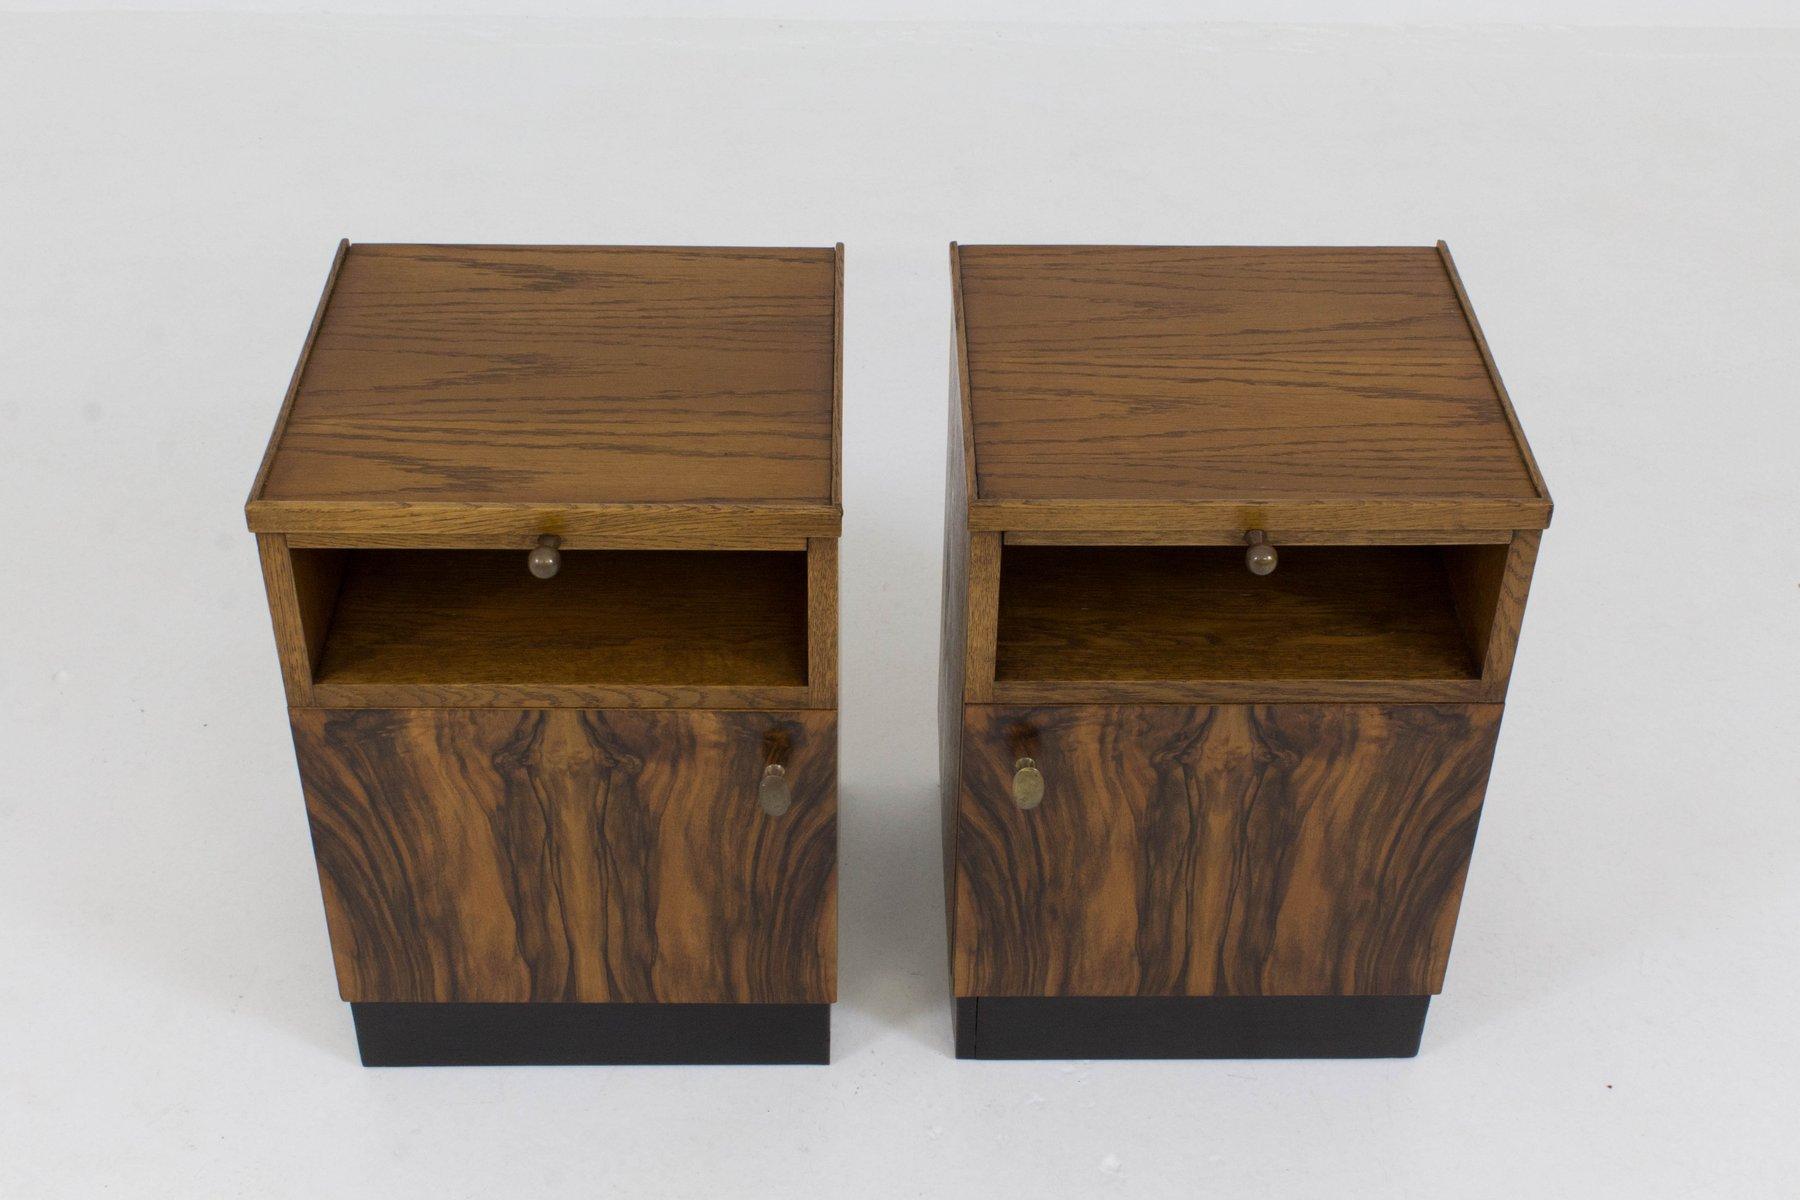 tables de chevet art d co cole de la haye par paul bromberg pour pander 1930s set de 2 en. Black Bedroom Furniture Sets. Home Design Ideas